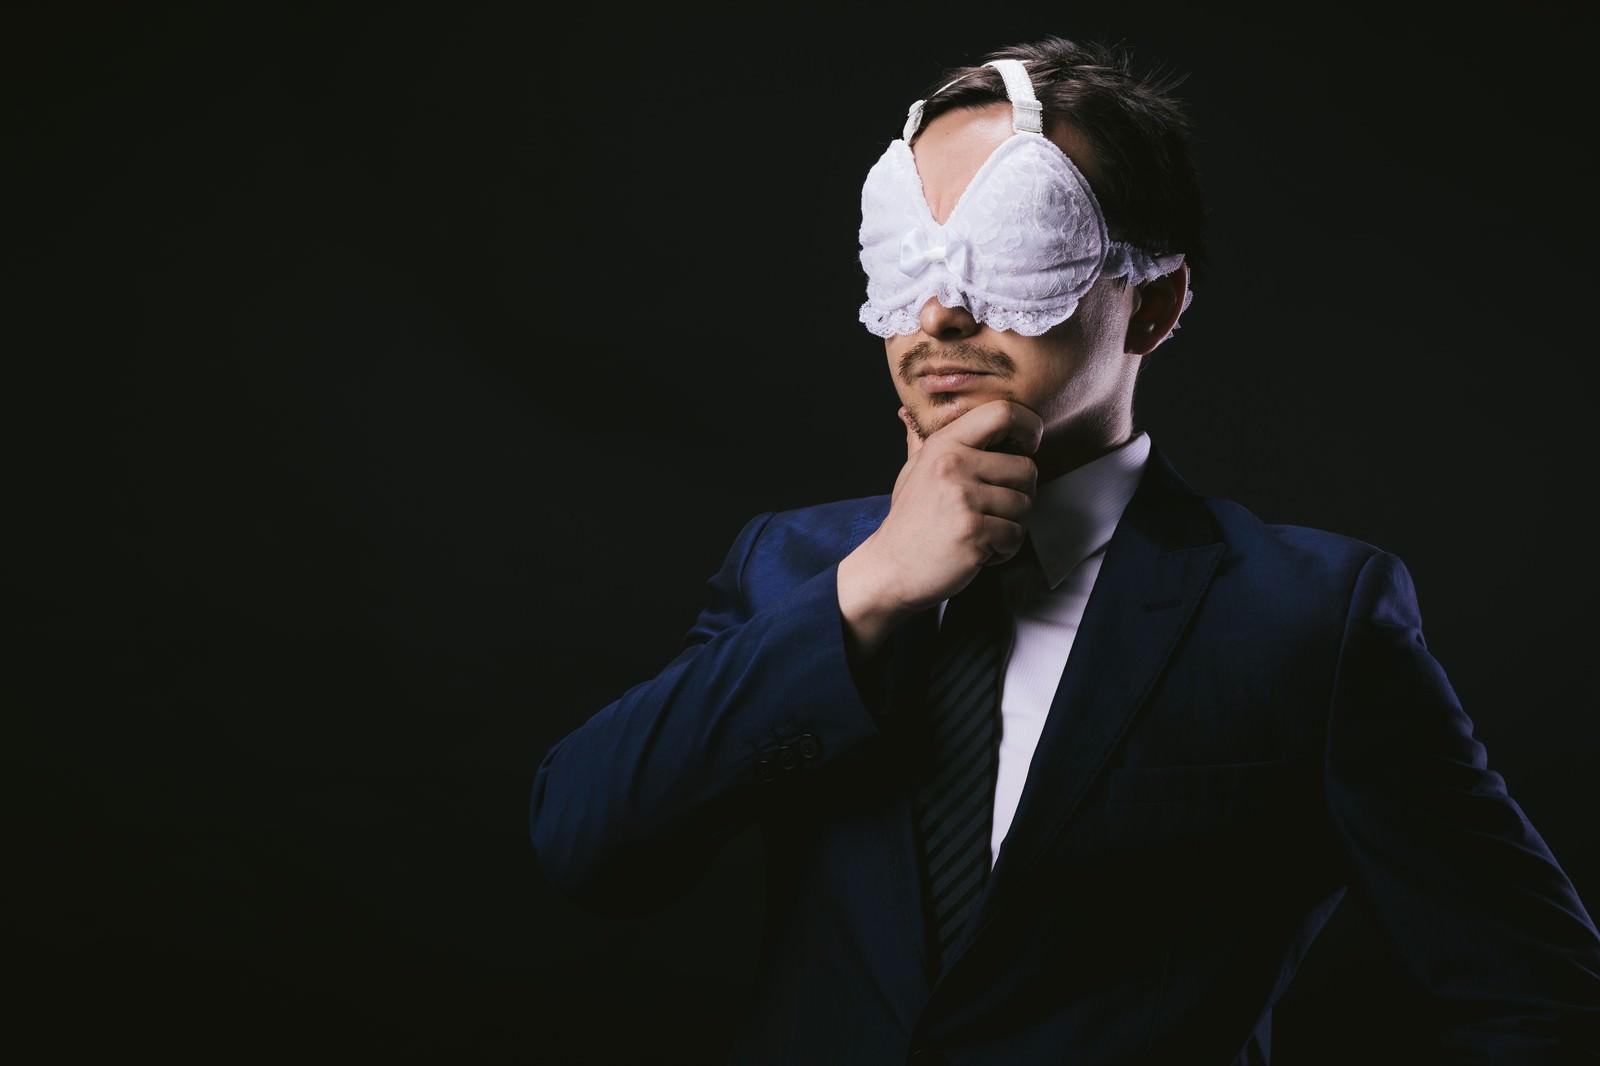 「絶妙なフィット感のアイマスクに満足する会社員絶妙なフィット感のアイマスクに満足する会社員」[モデル:Max_Ezaki]のフリー写真素材を拡大